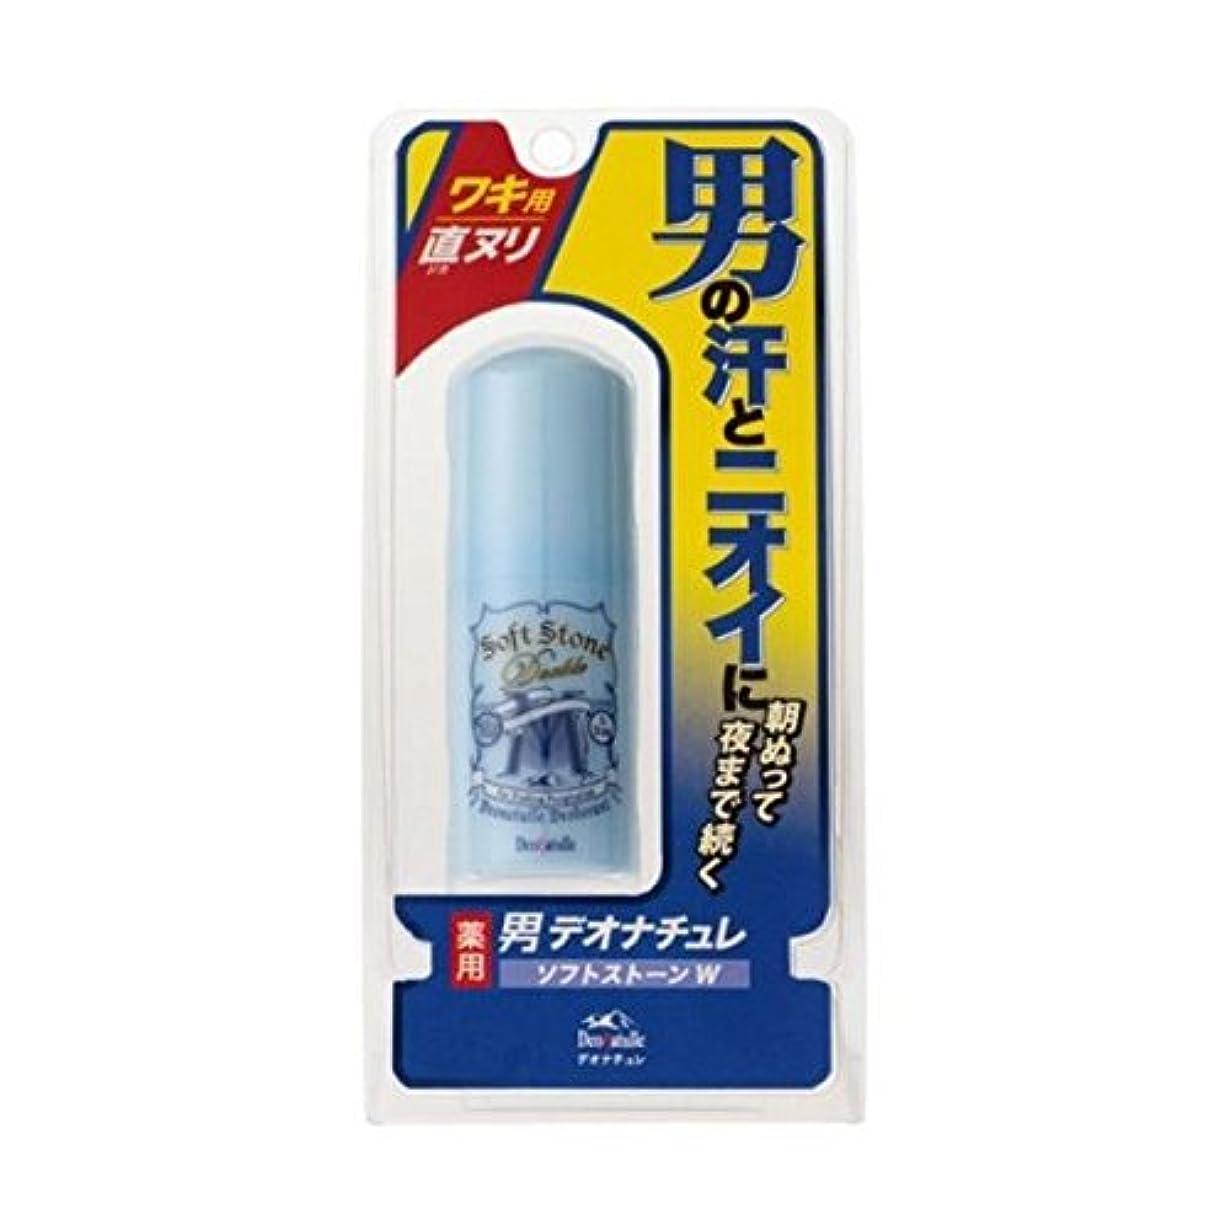 心配するスカルク害デオナチュレ 男ソフトストーン20Gx6個